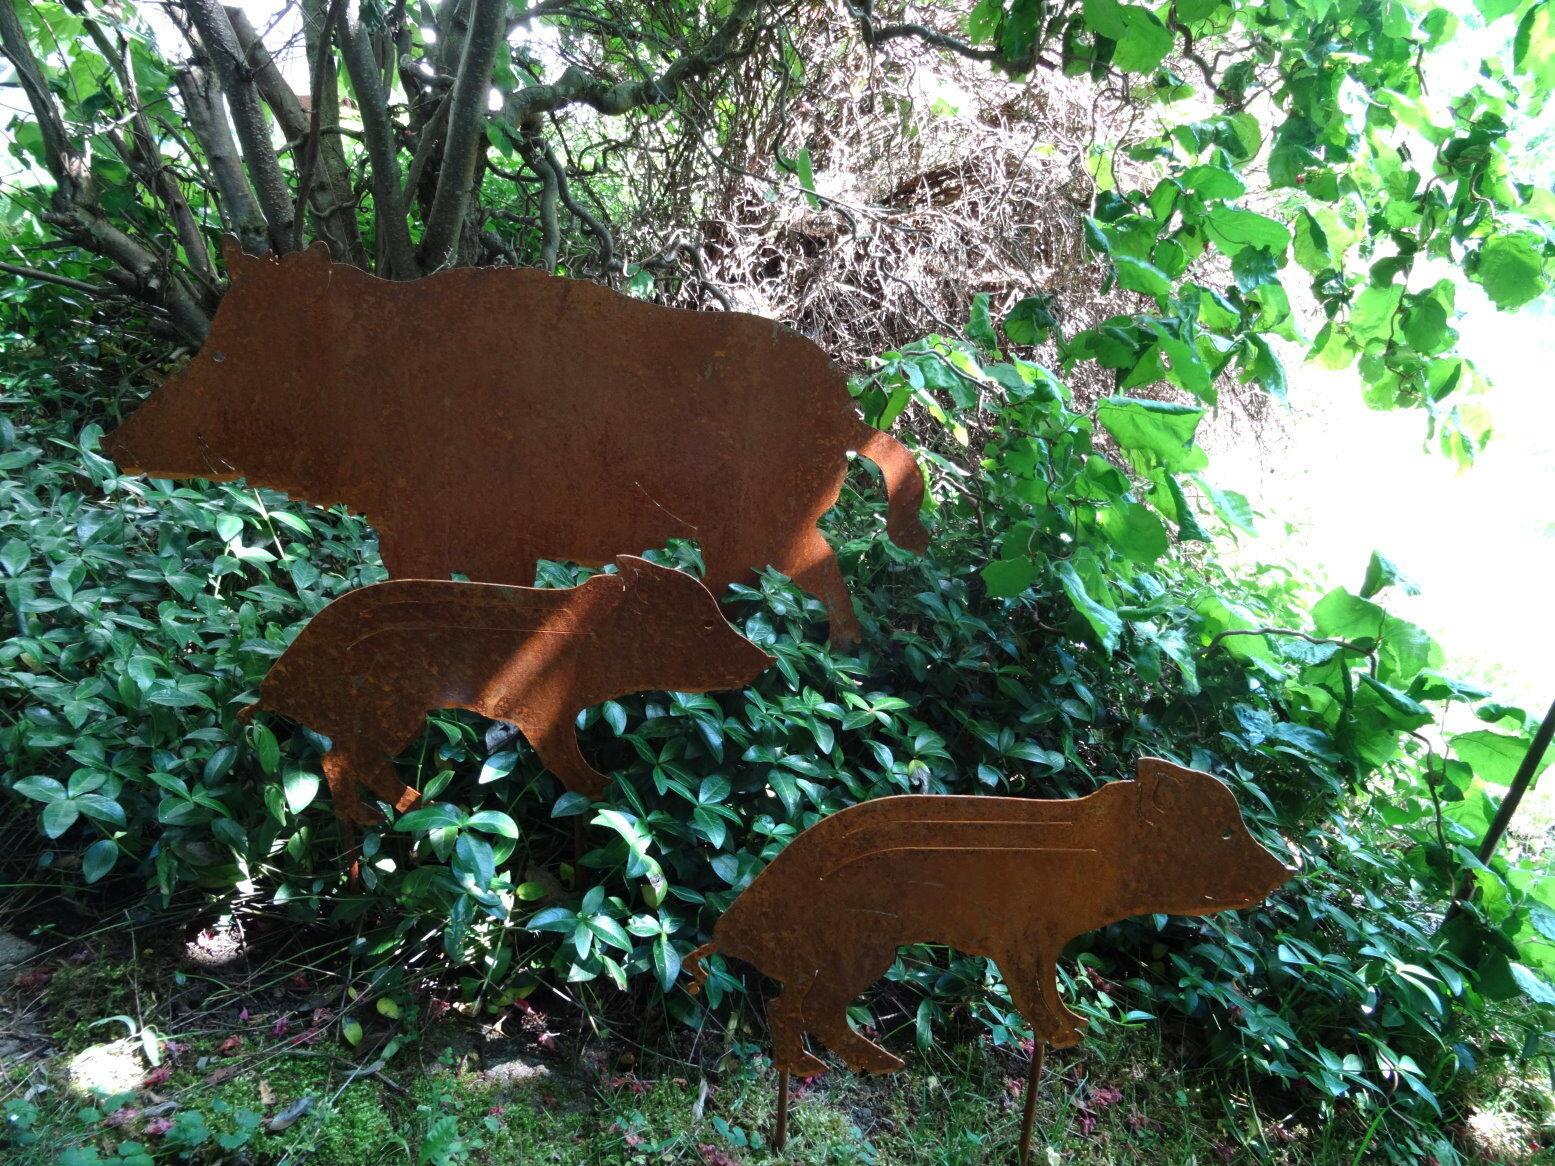 Gartenstecker wildschwein aus metall keiler rost for Tiere aus metall gartendeko